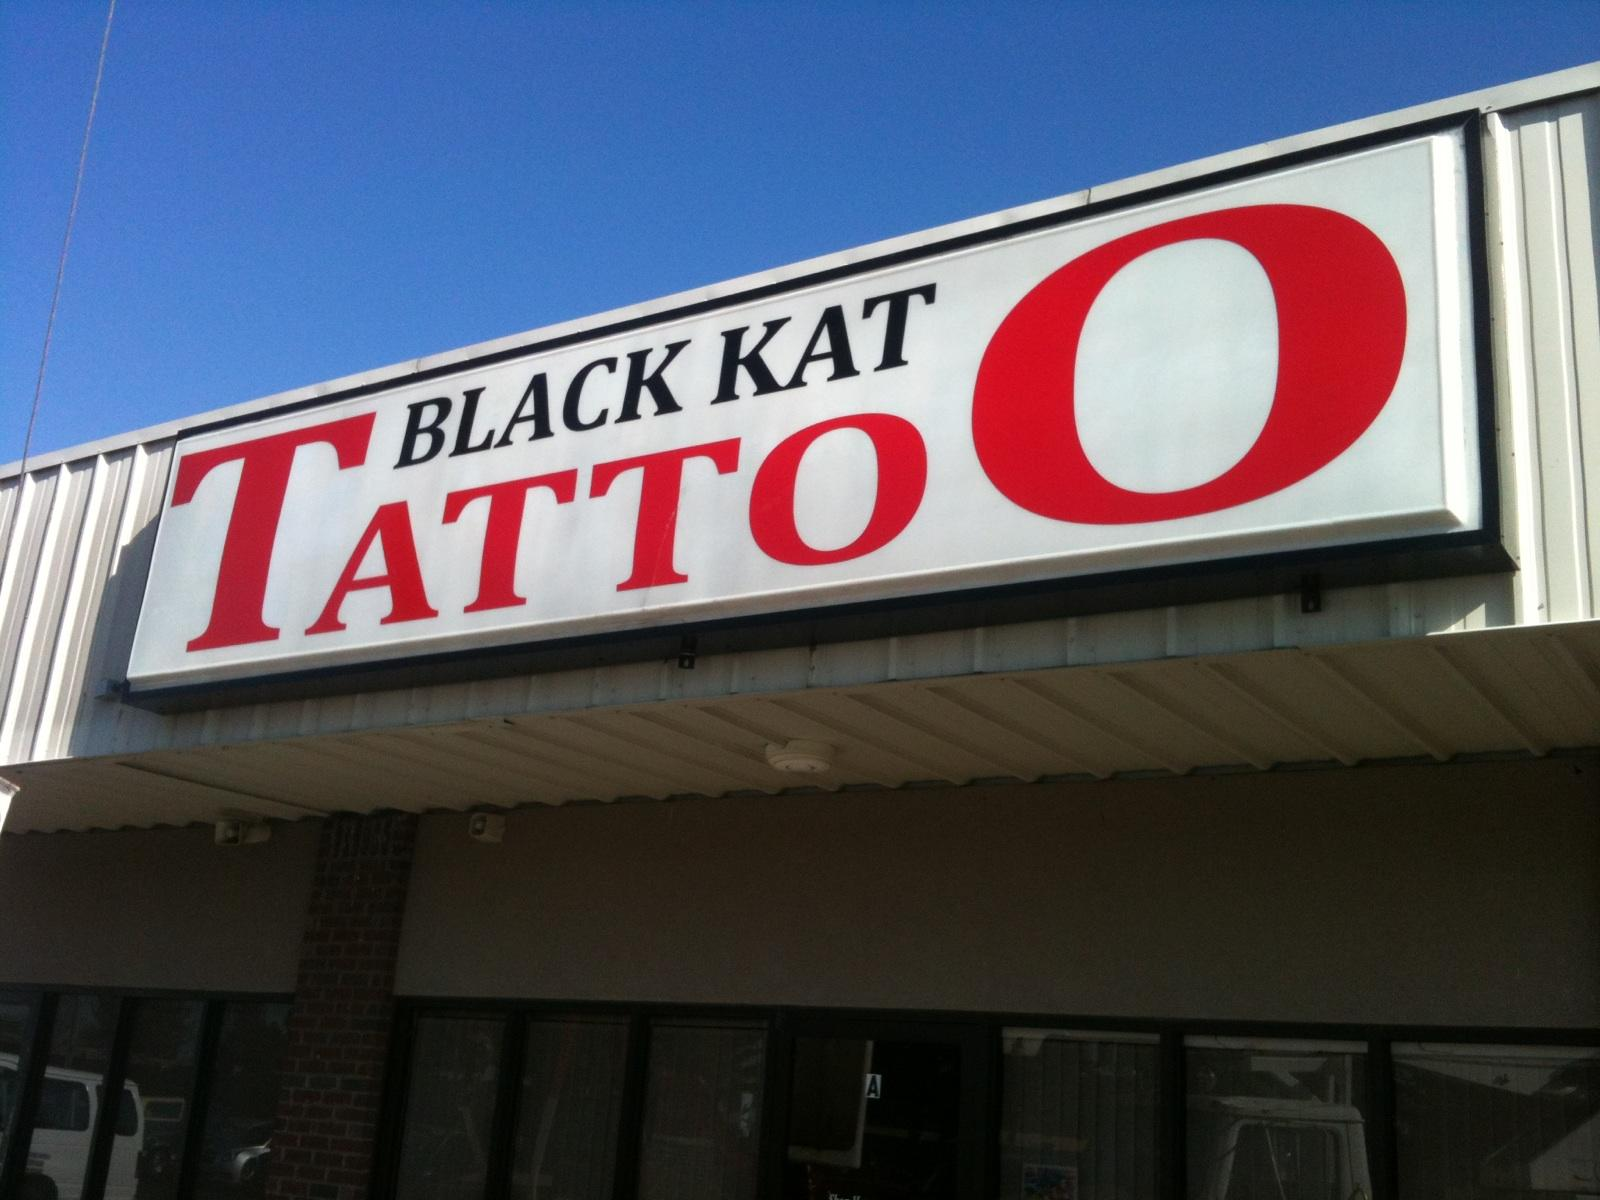 Black kat tattoo for Black kat tattoo